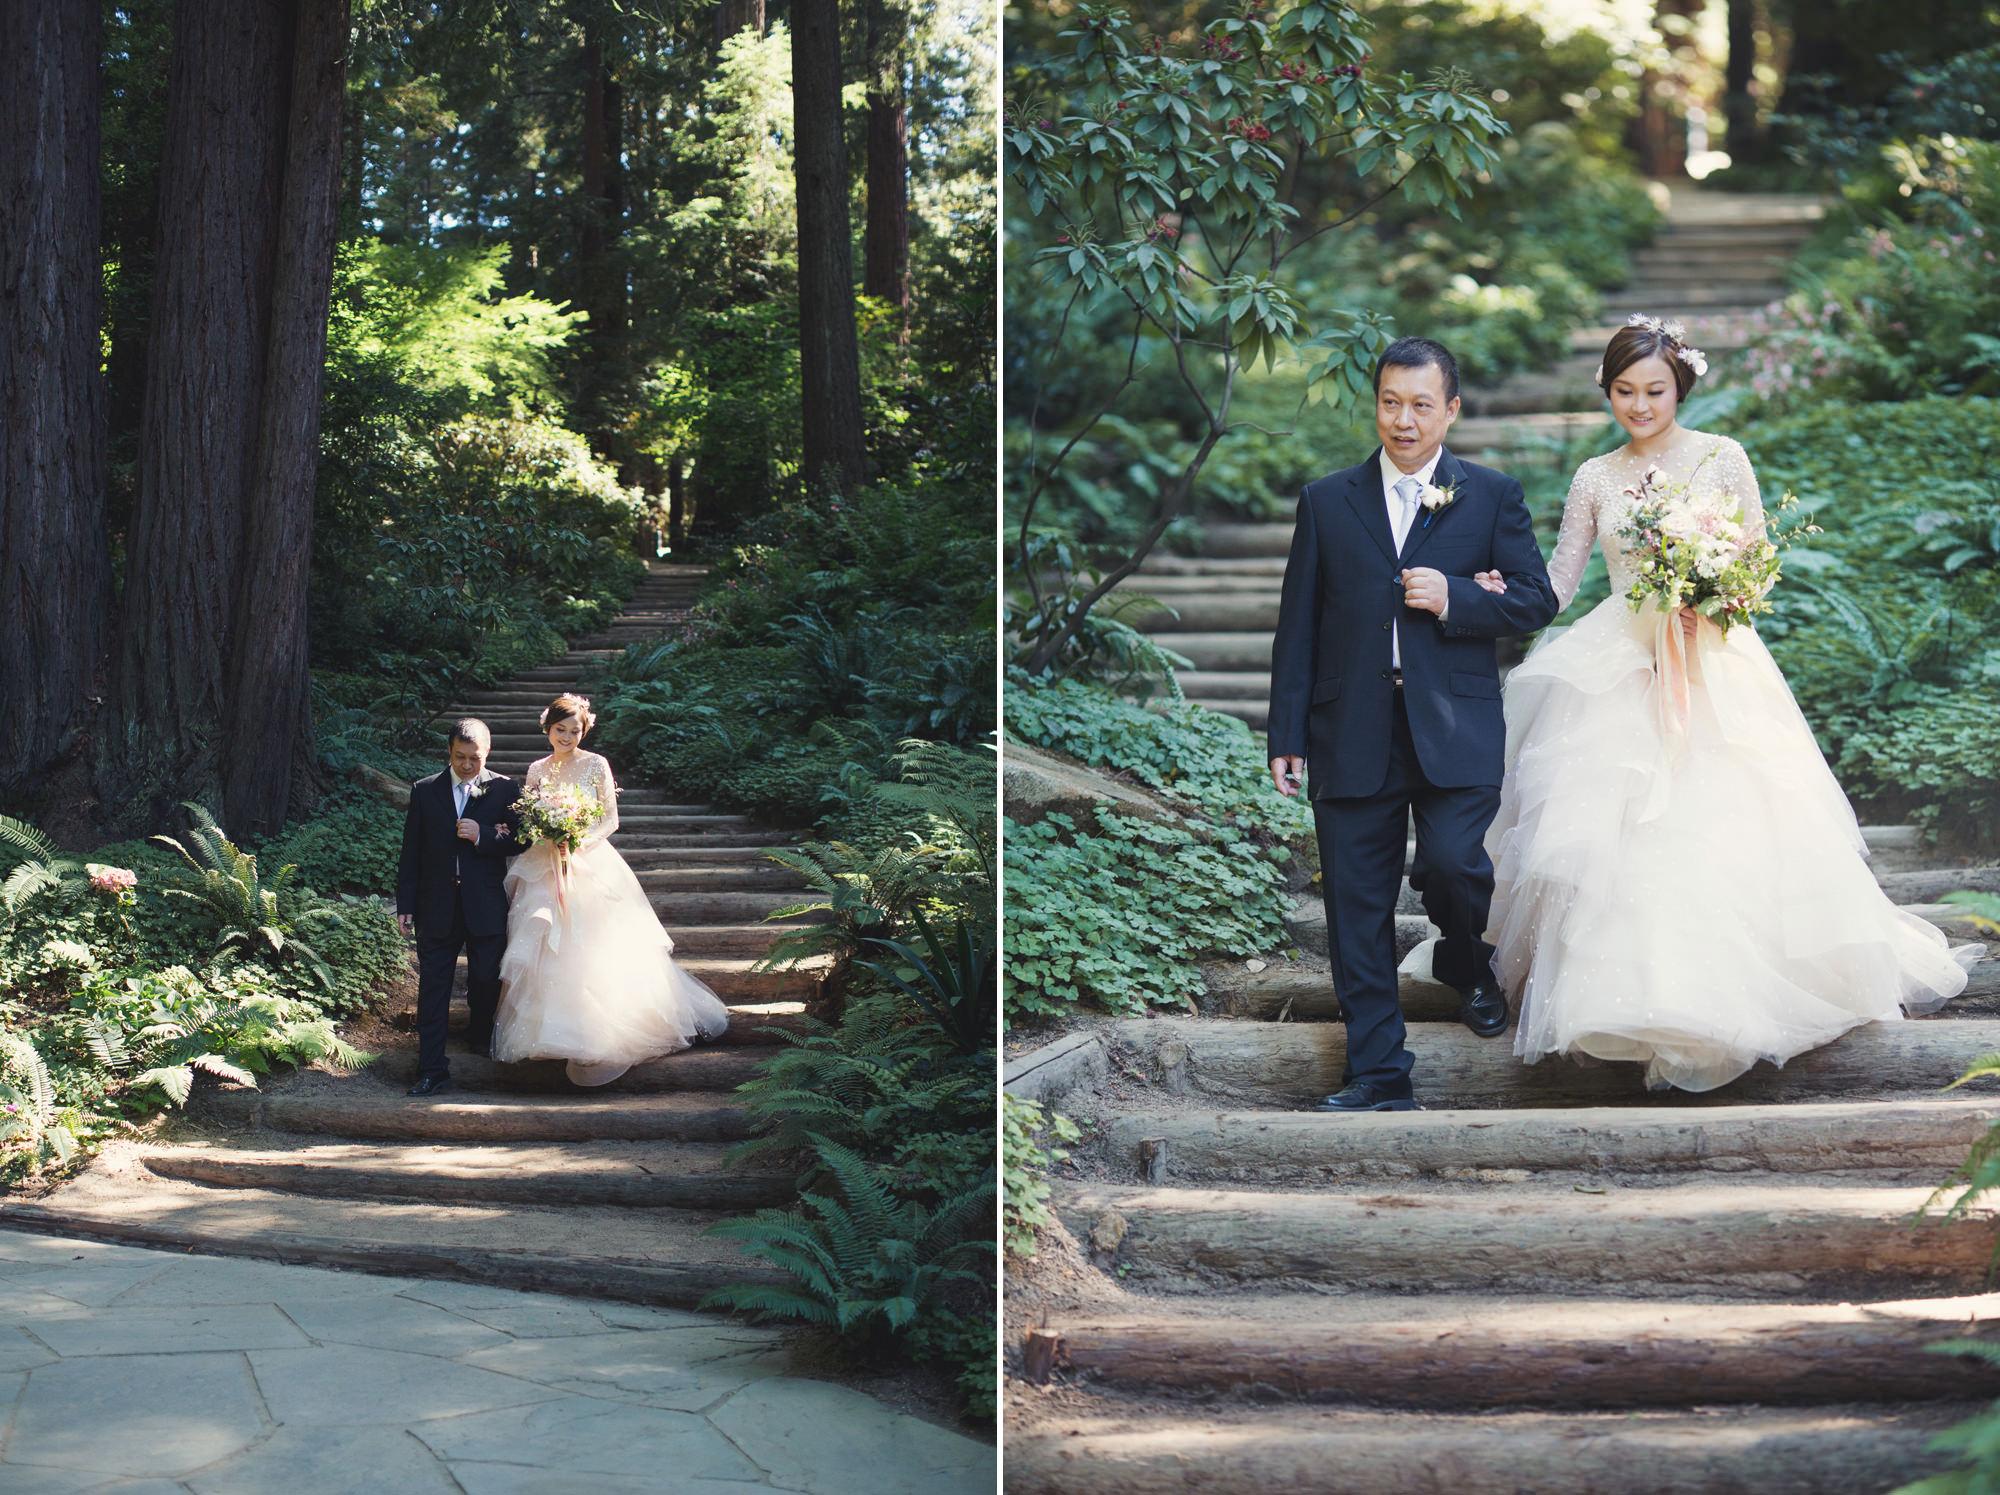 Fairytale Wedding in Nestldown ©Anne-Claire Brun 0027